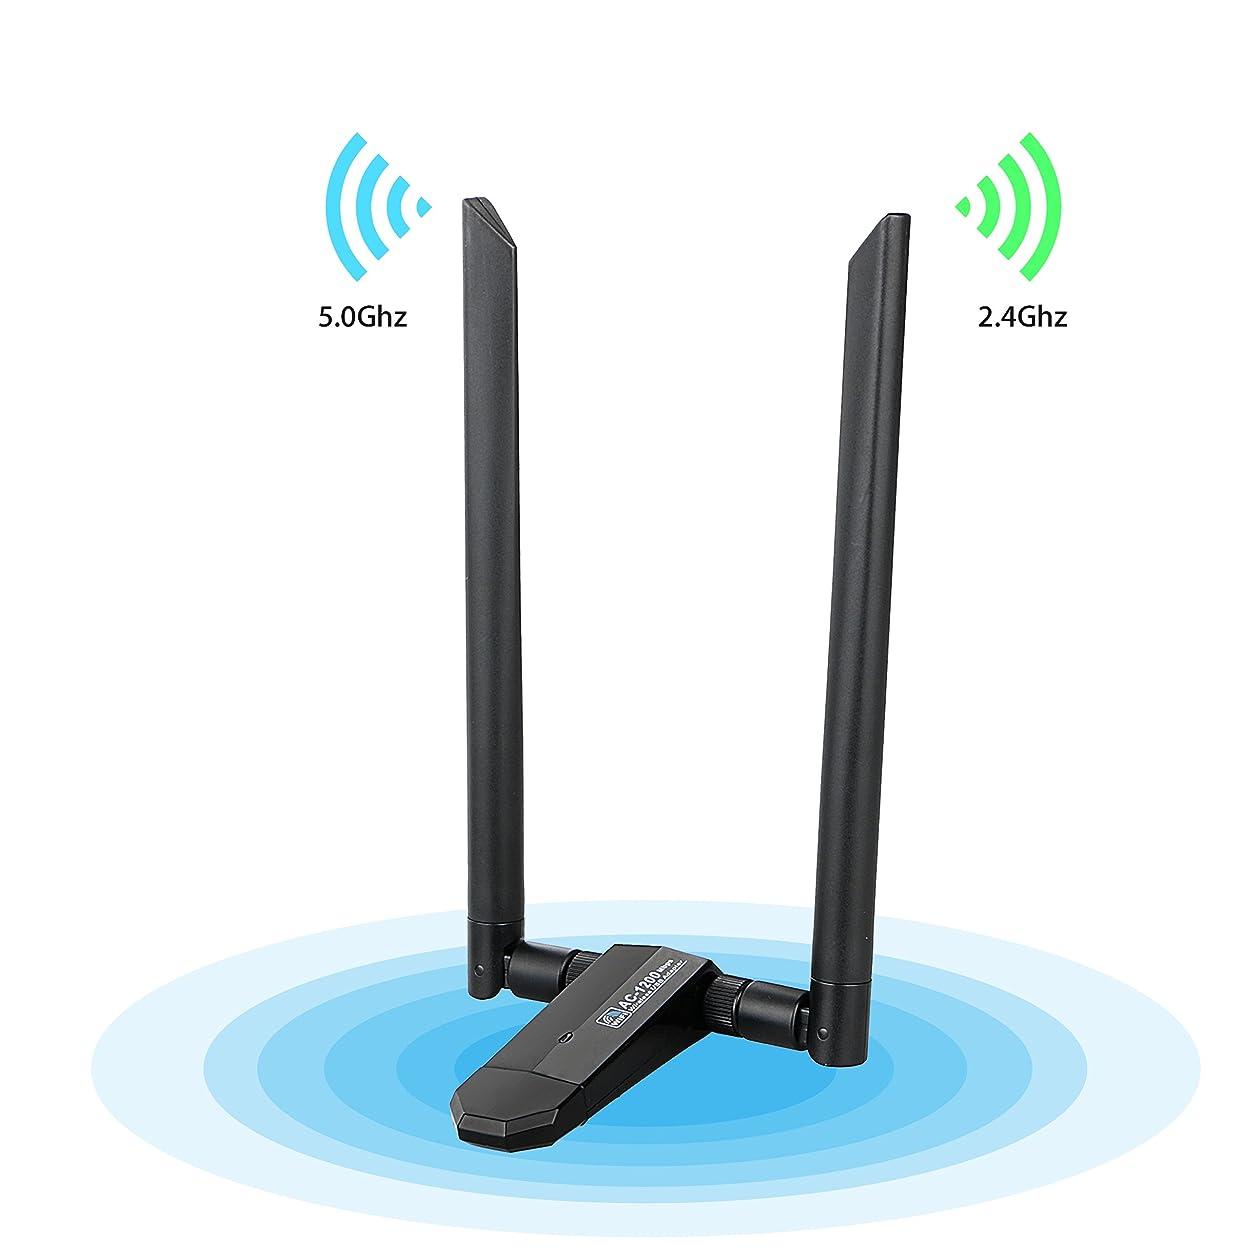 モッキンバードシャイマトン1200?MbpsワイヤレスUSB WiFiアダプタアンテナ、sunjoyco長い範囲ac1200デュアルバンド2.4?GHz / 300mbps + 5ghz / 867mbps、802.11?AC / A / B / G / N高利得アンテナネットワークLANカードサポートWindows XP / 7?/ 8?/ 10、Mac、Mac OS X